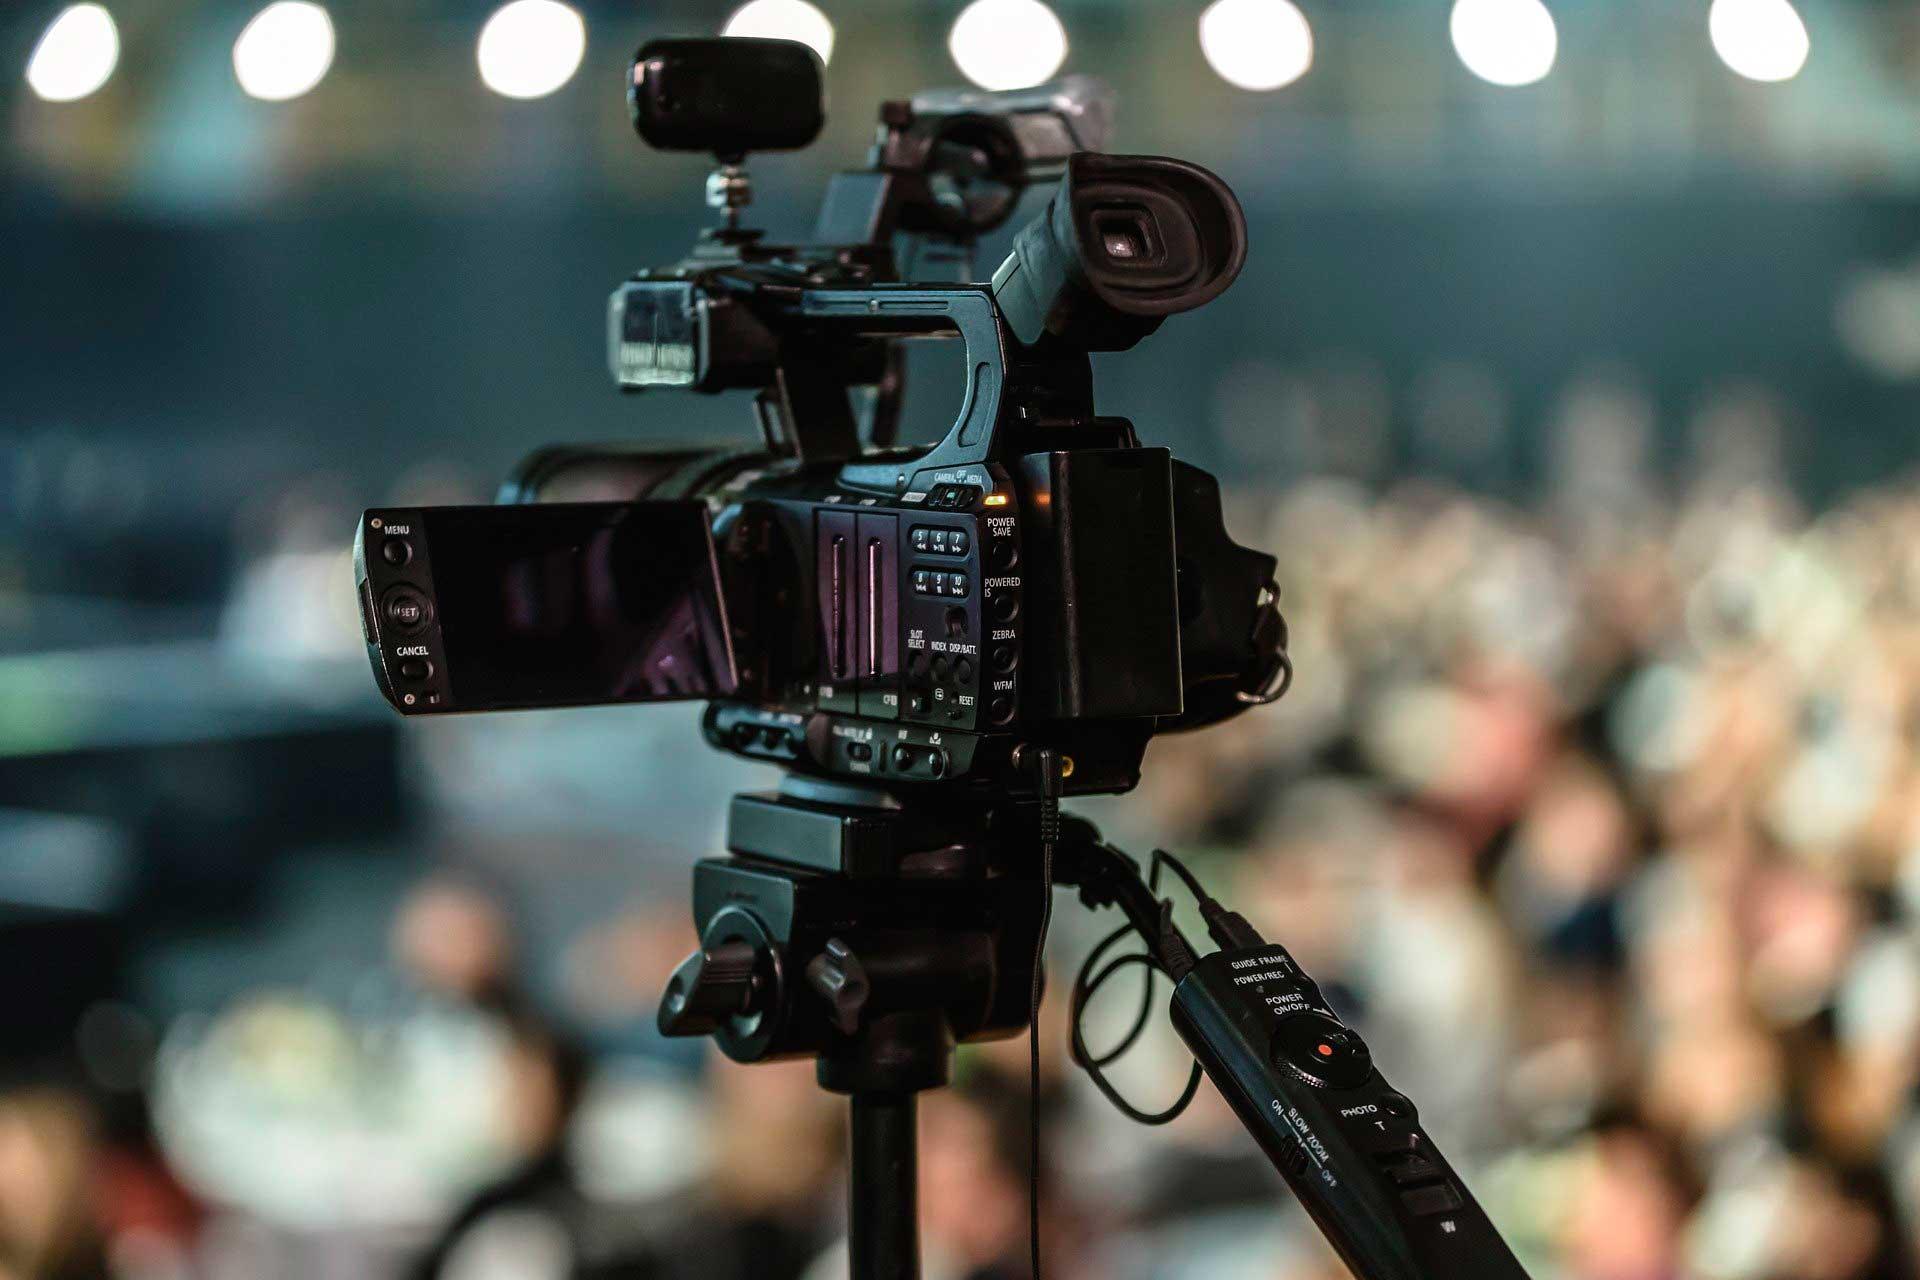 Nações Unidas celebram Dia Mundial da Televisão